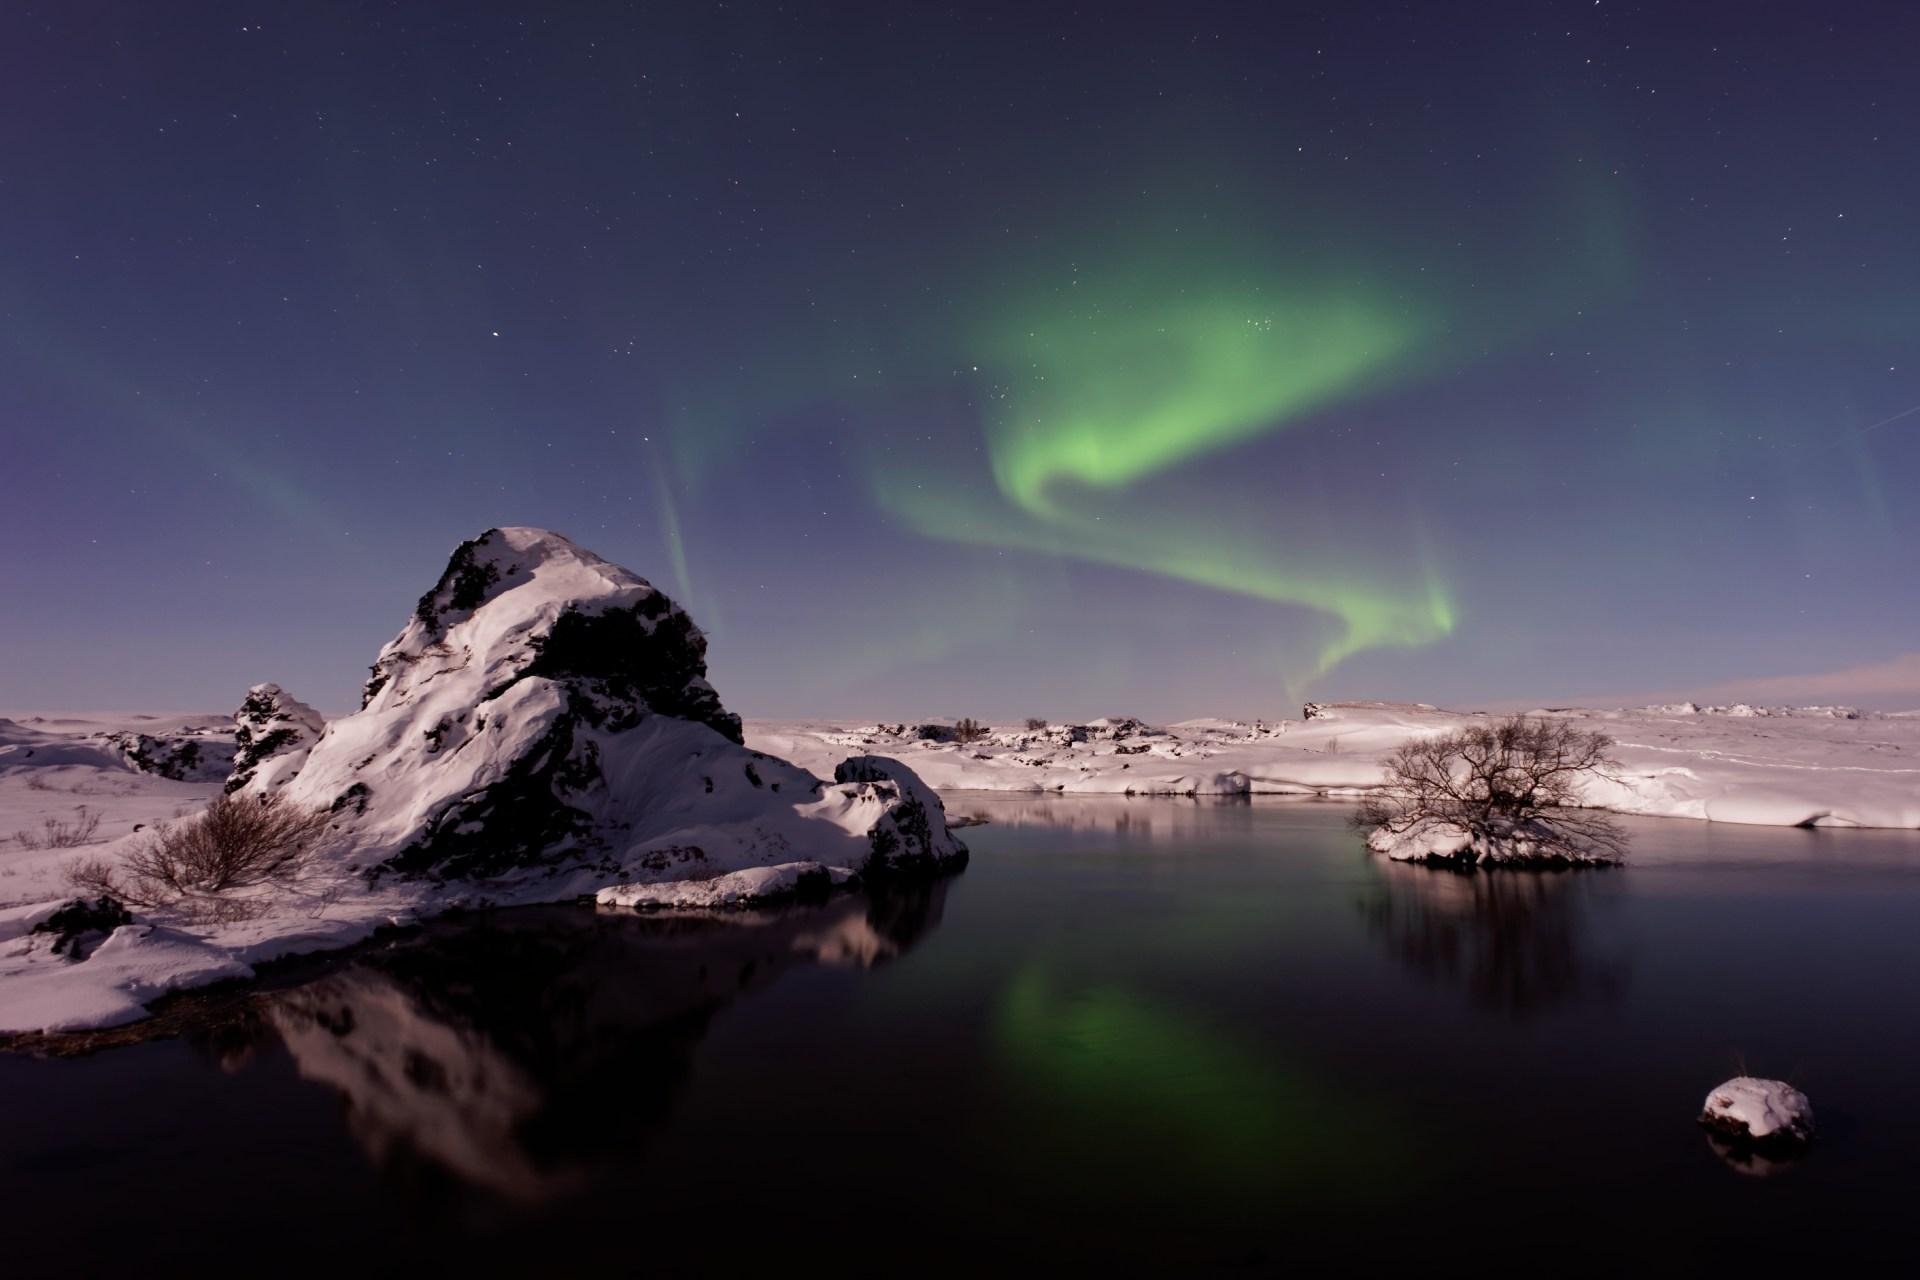 Aurora Borealis Poem